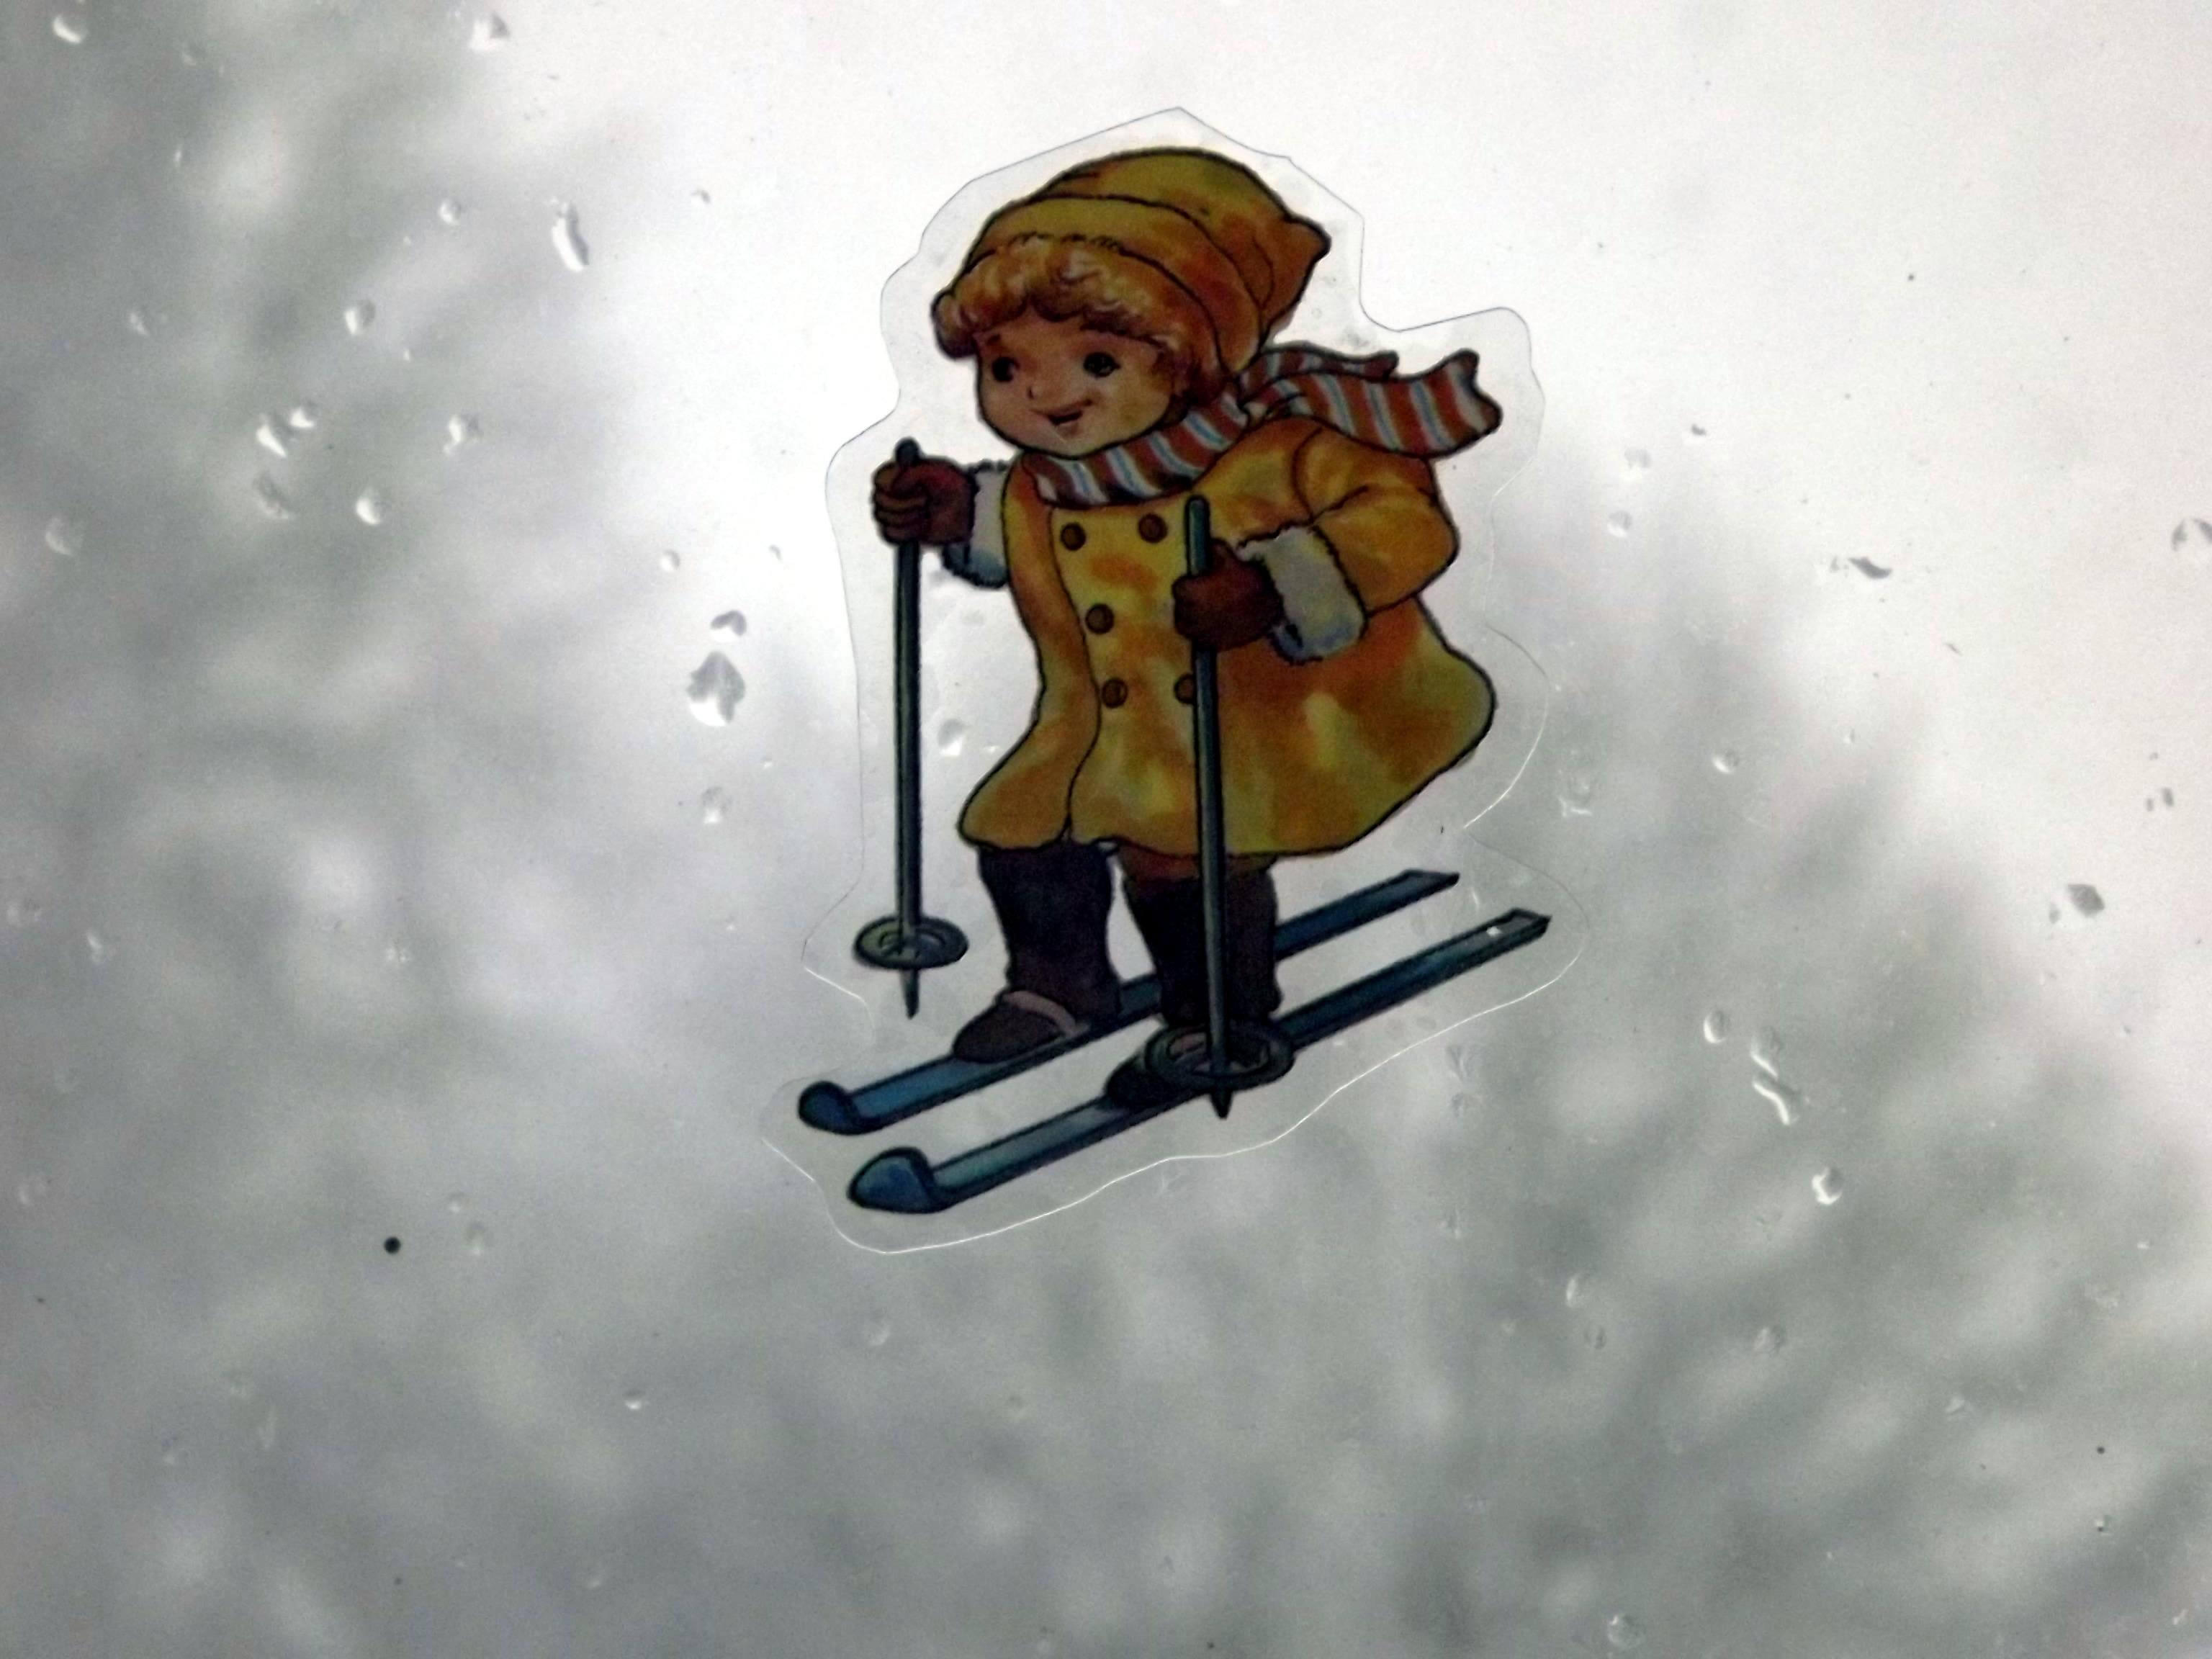 4656-fensterbilder-schifahrer